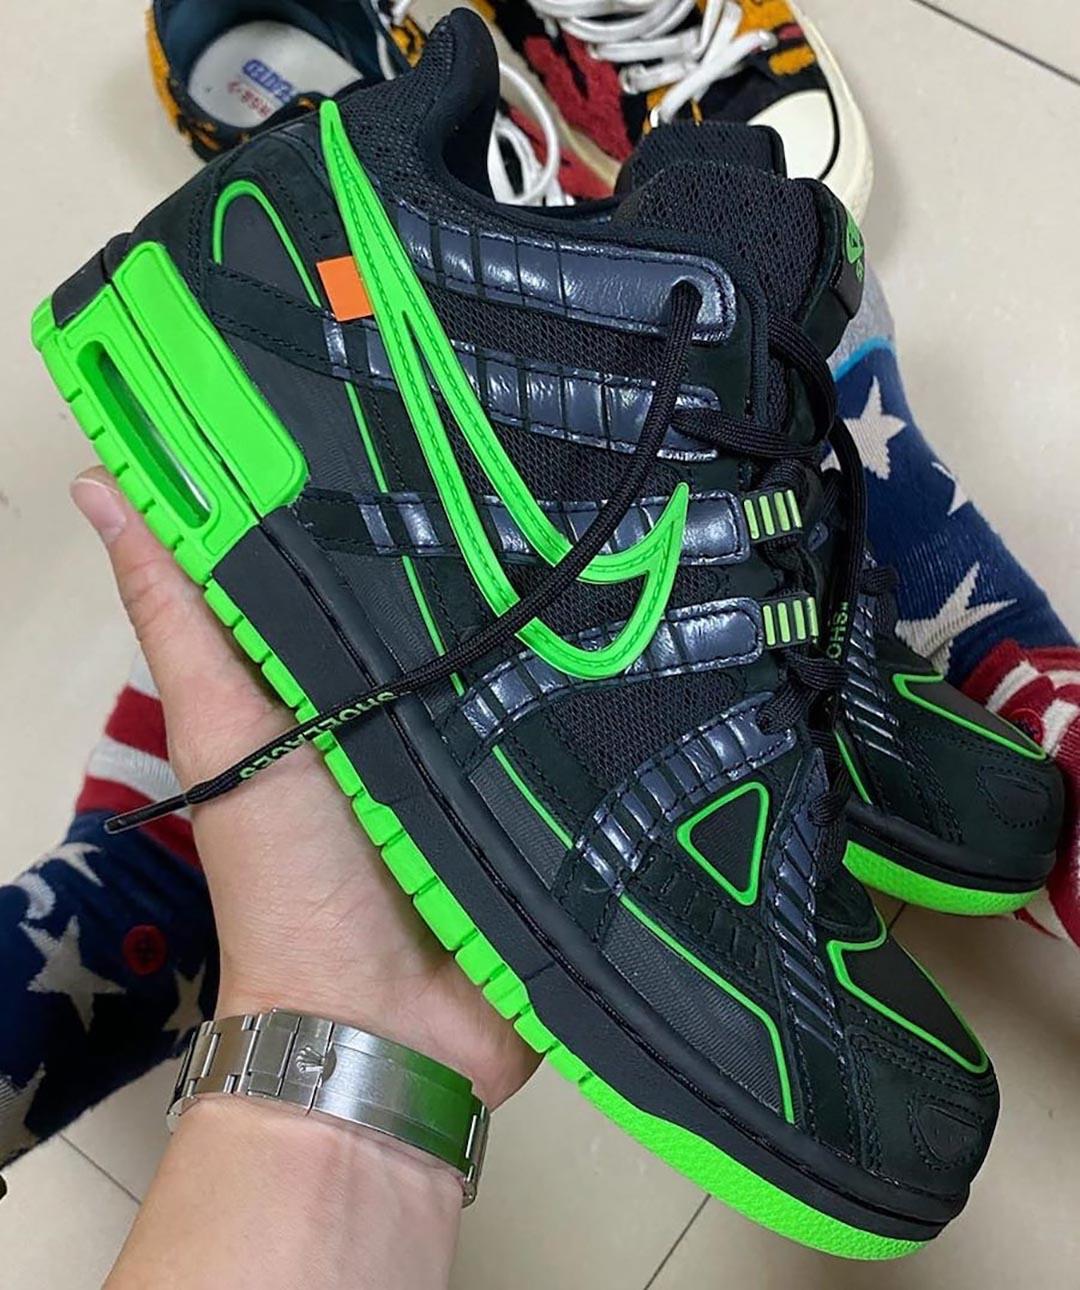 off-white-nike-air-rubber-dunk-green-strike-CU6015-001-Release-Date-06